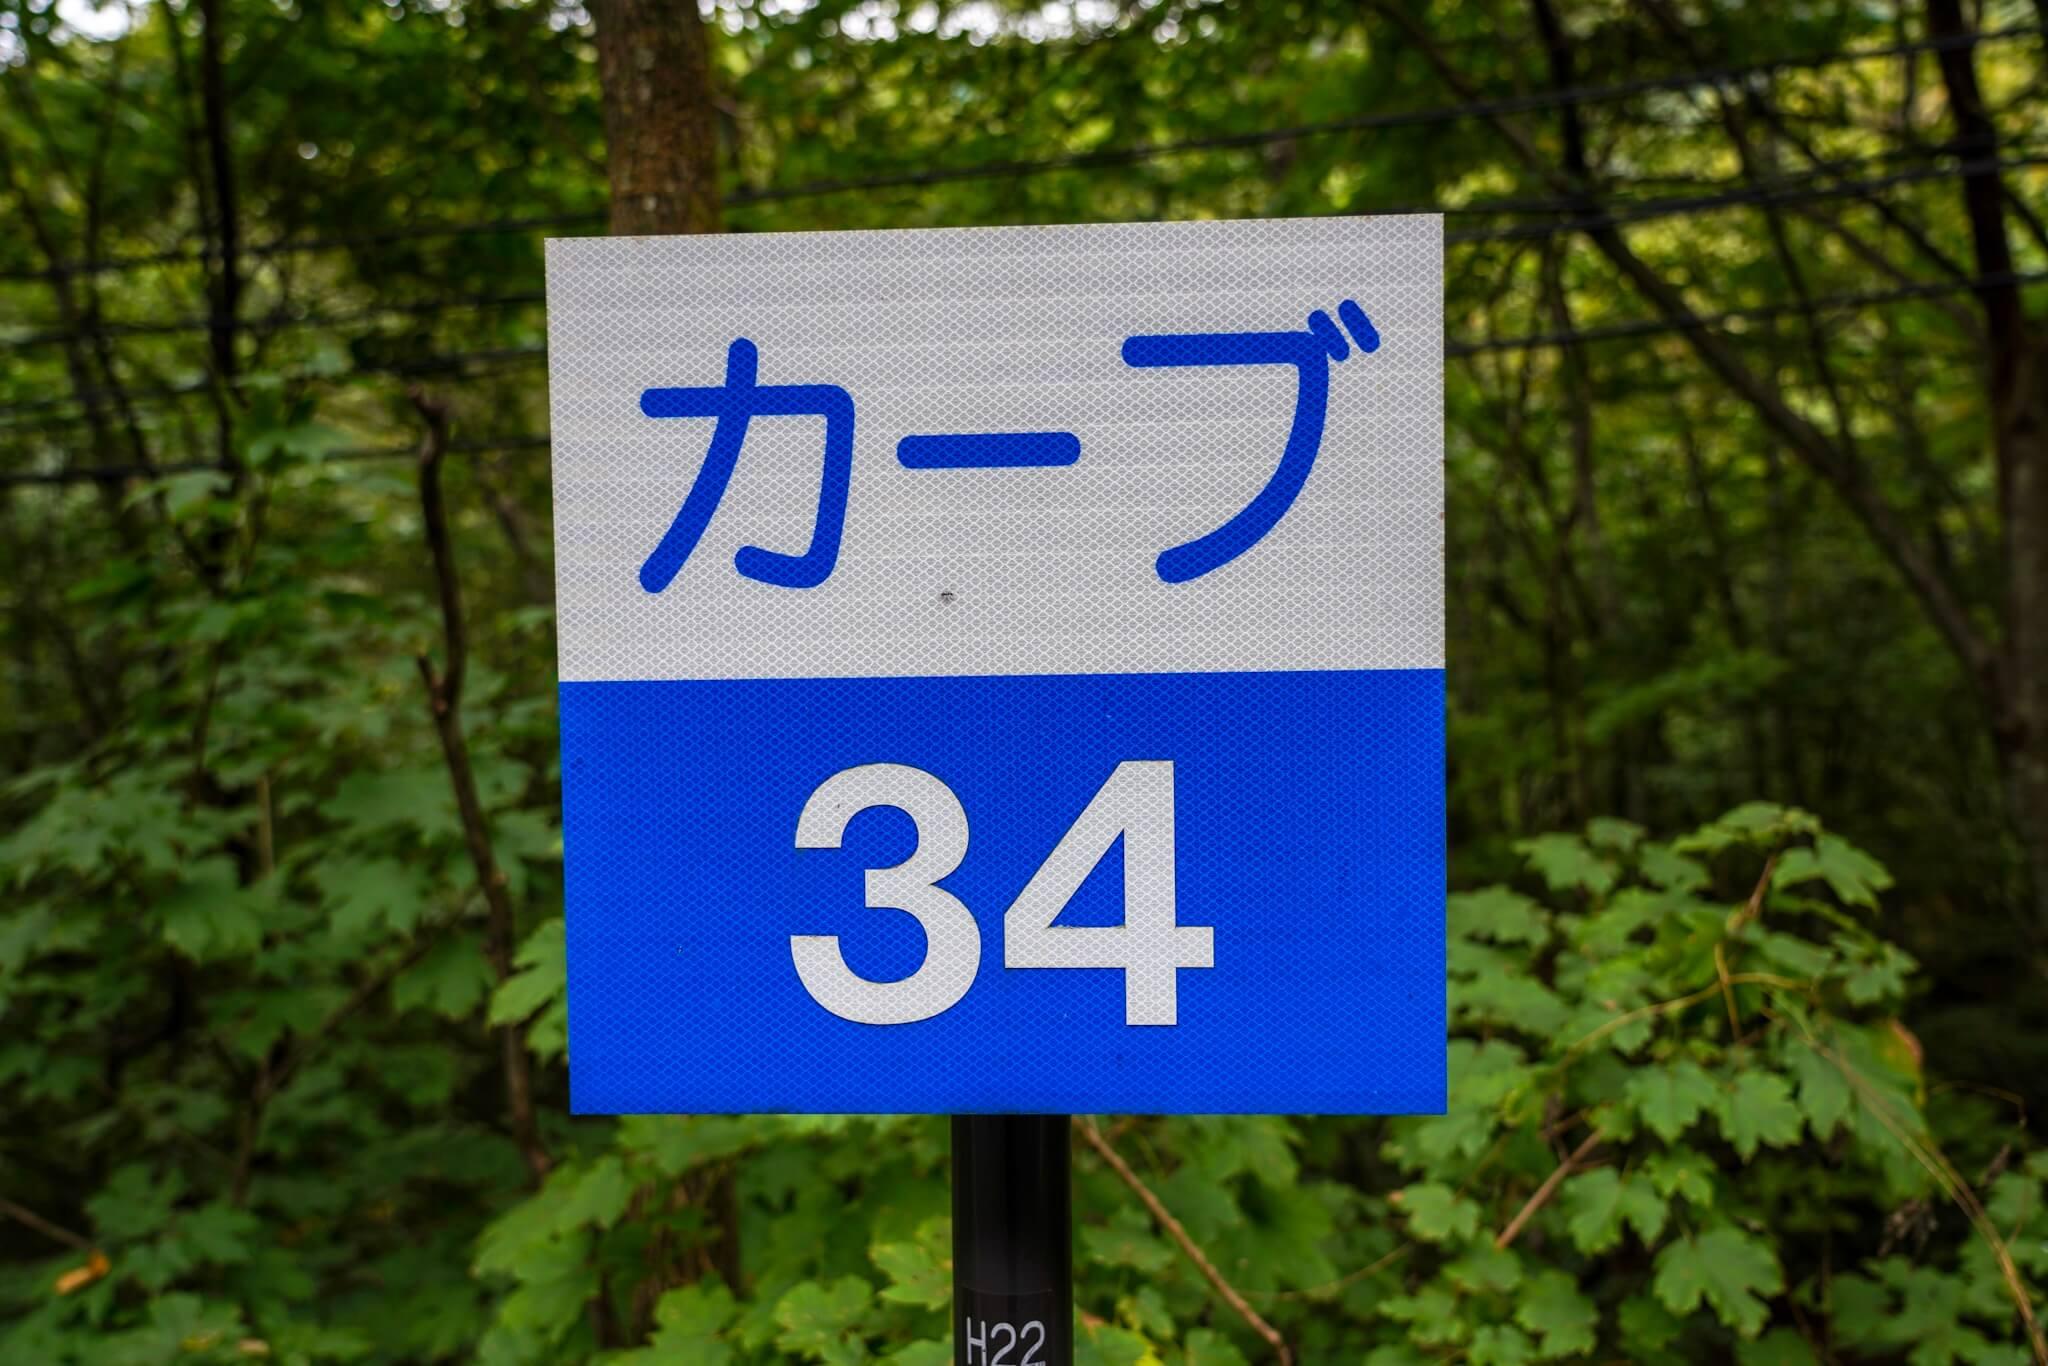 赤城山 峠 カーブNo.34